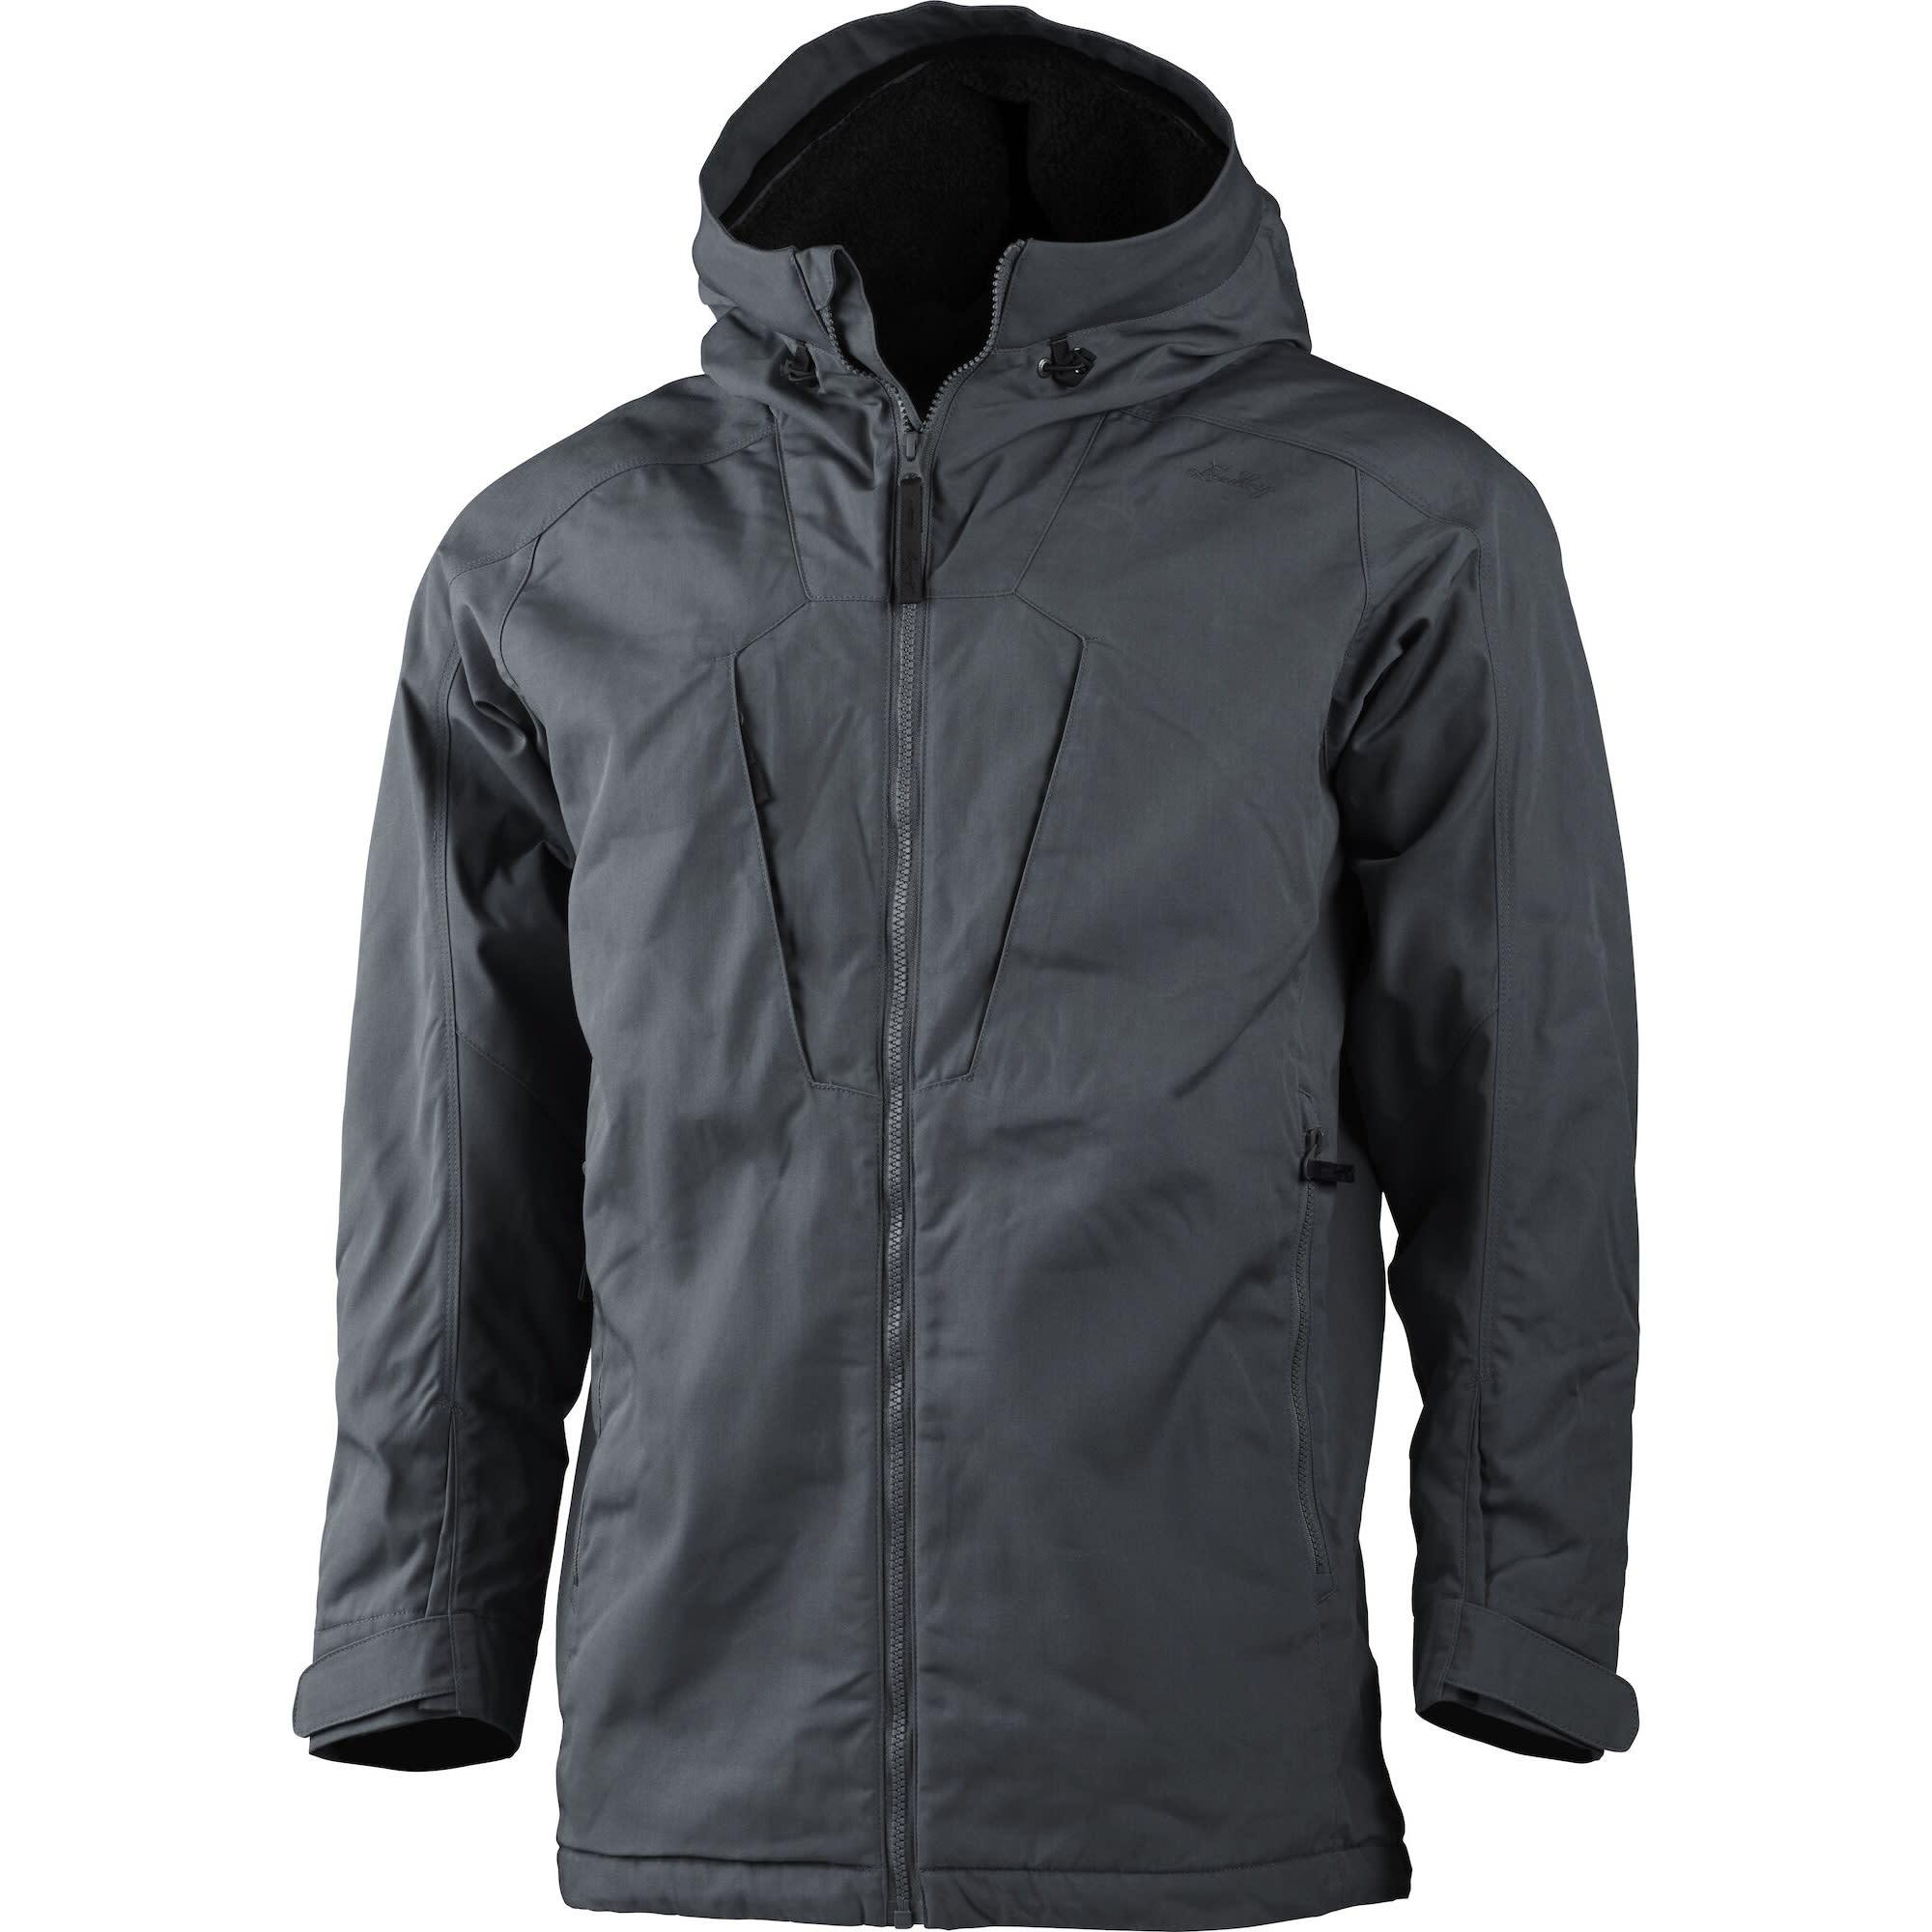 Kjøp Lundhags Habe Men's Jacket fra Outnorth